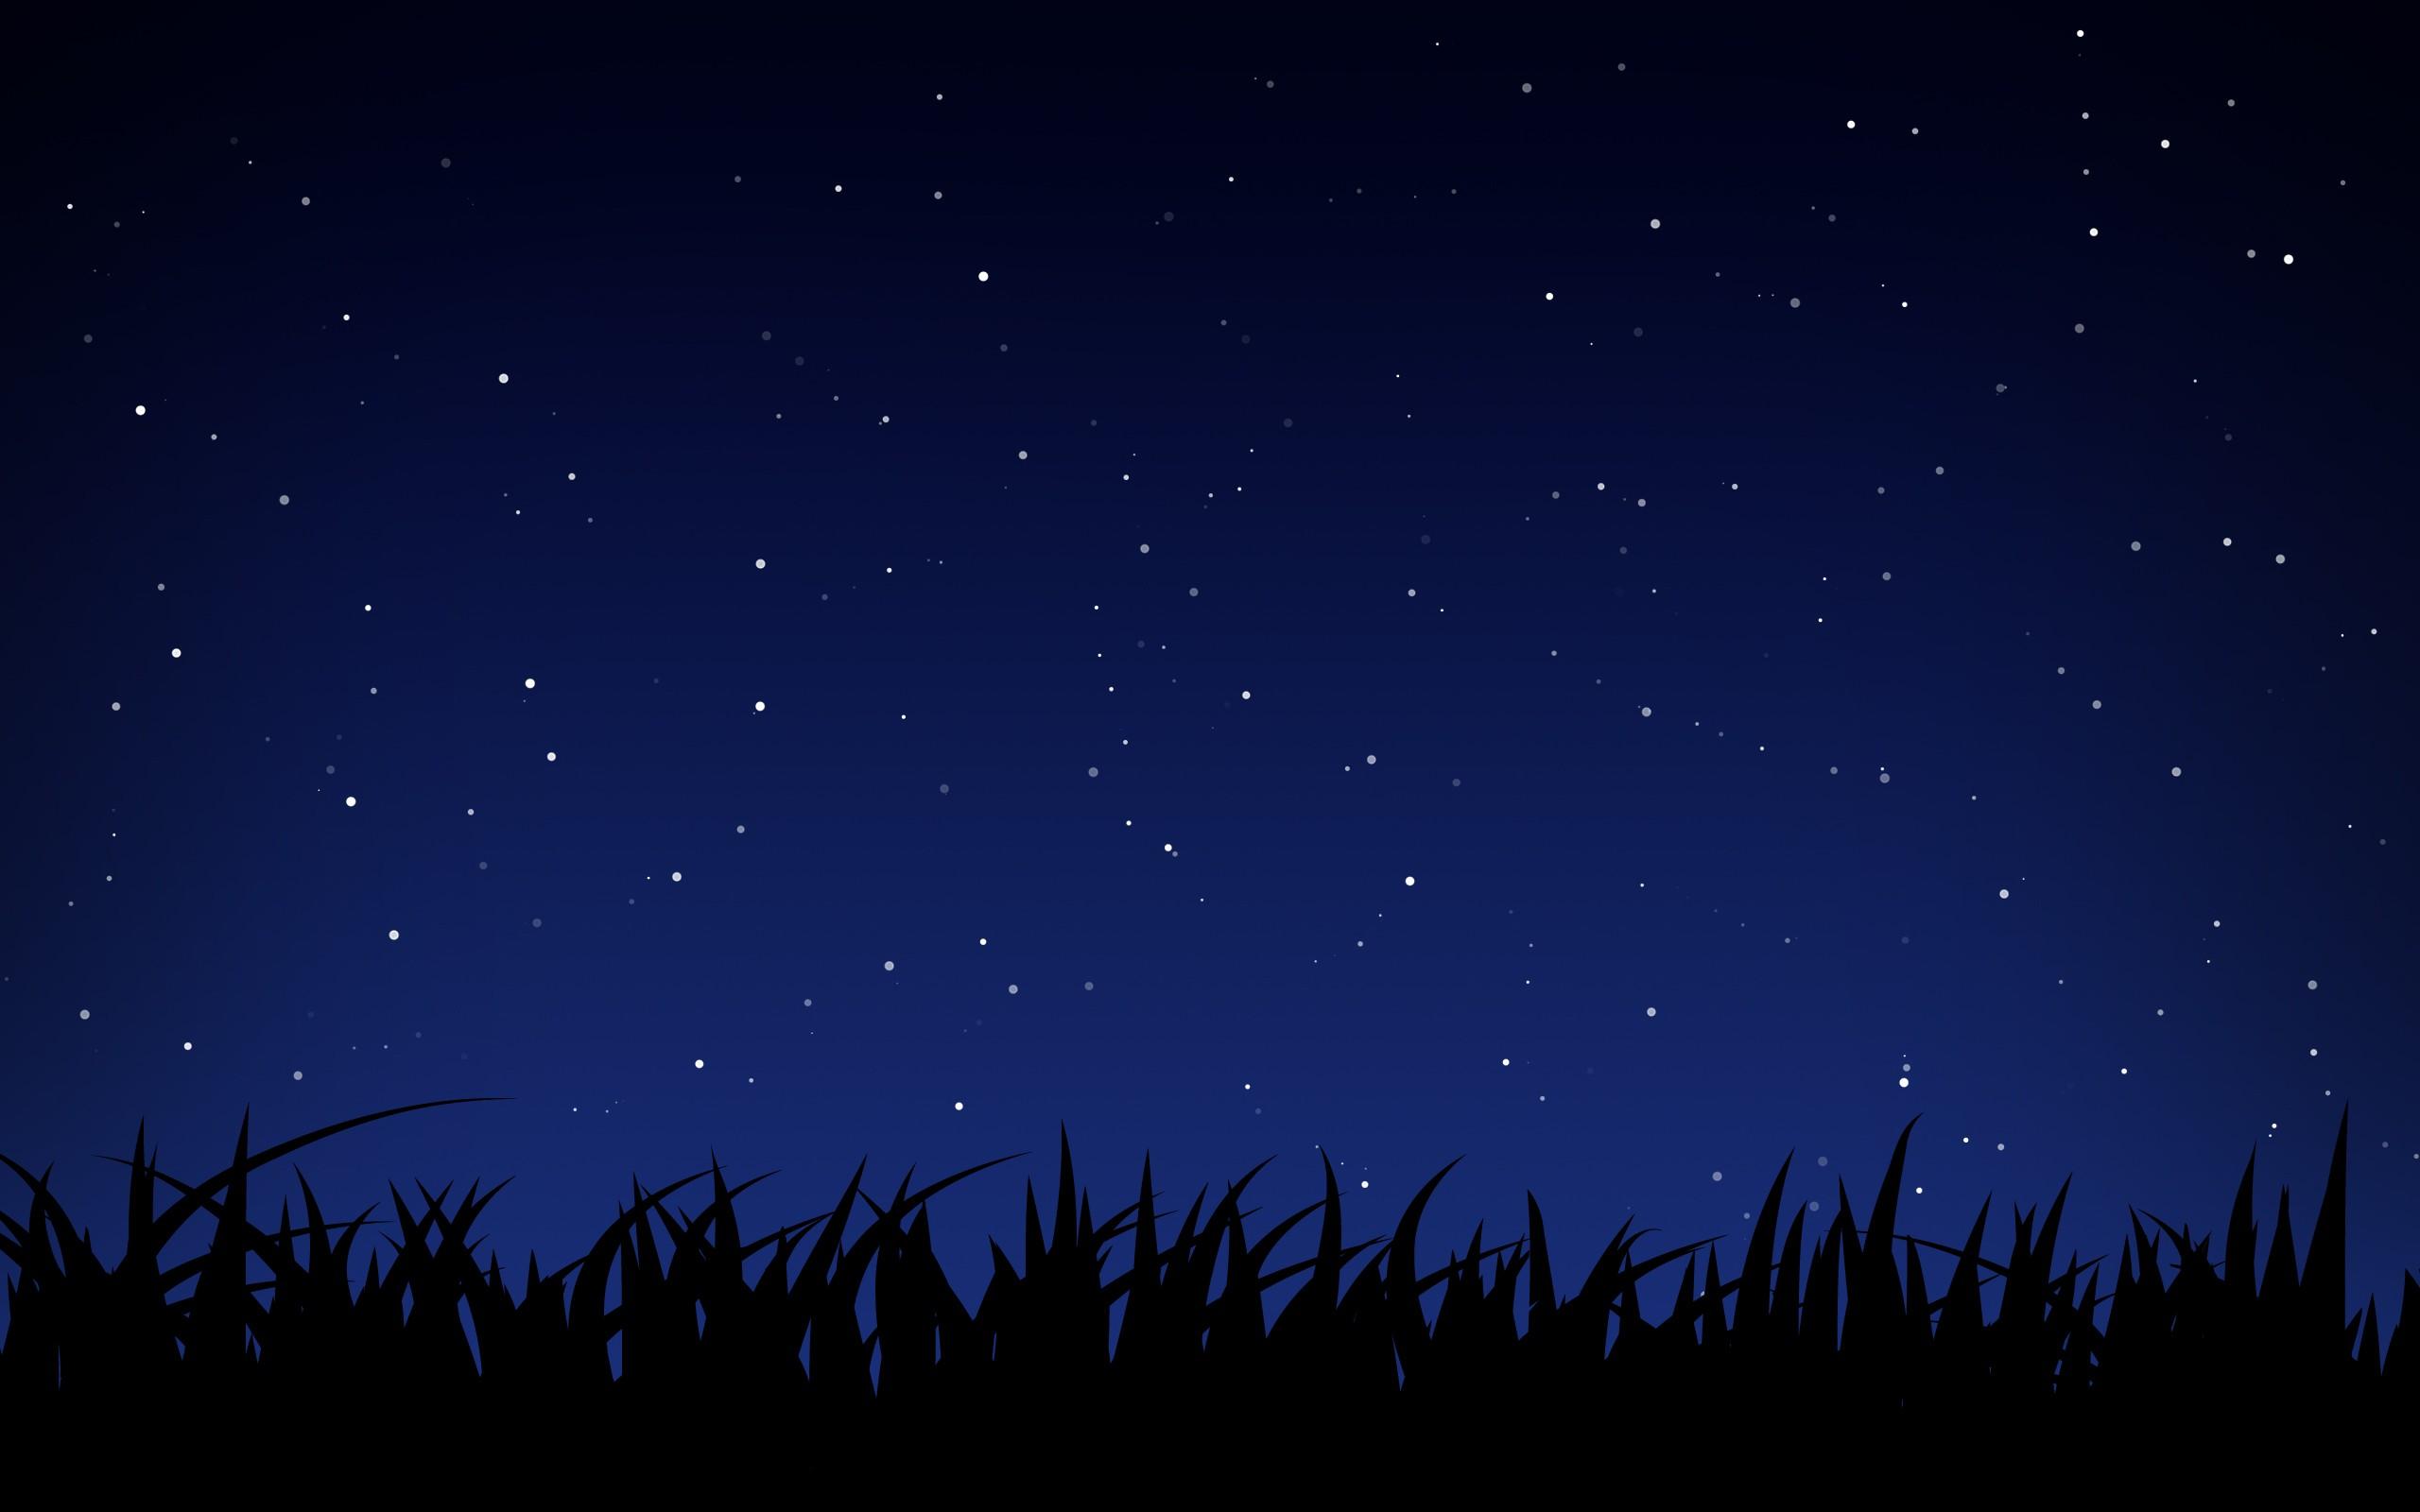 cielo stellato File vettoriale   ForWallpapercom 2560x1600